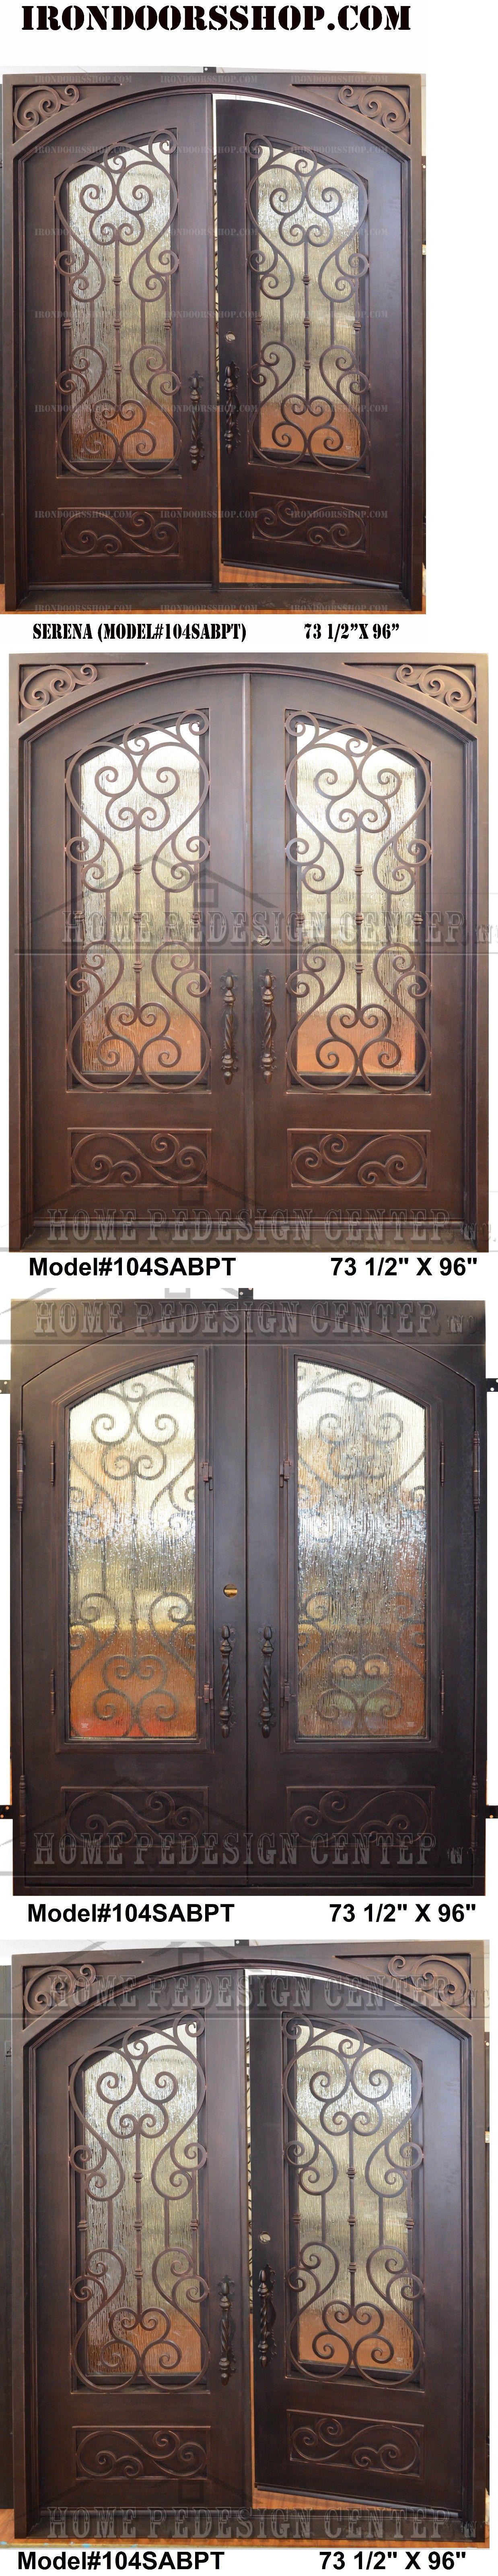 Buy Double Doors Doors 85892 Serena Wrought Iron Double Doors Operable Glass In